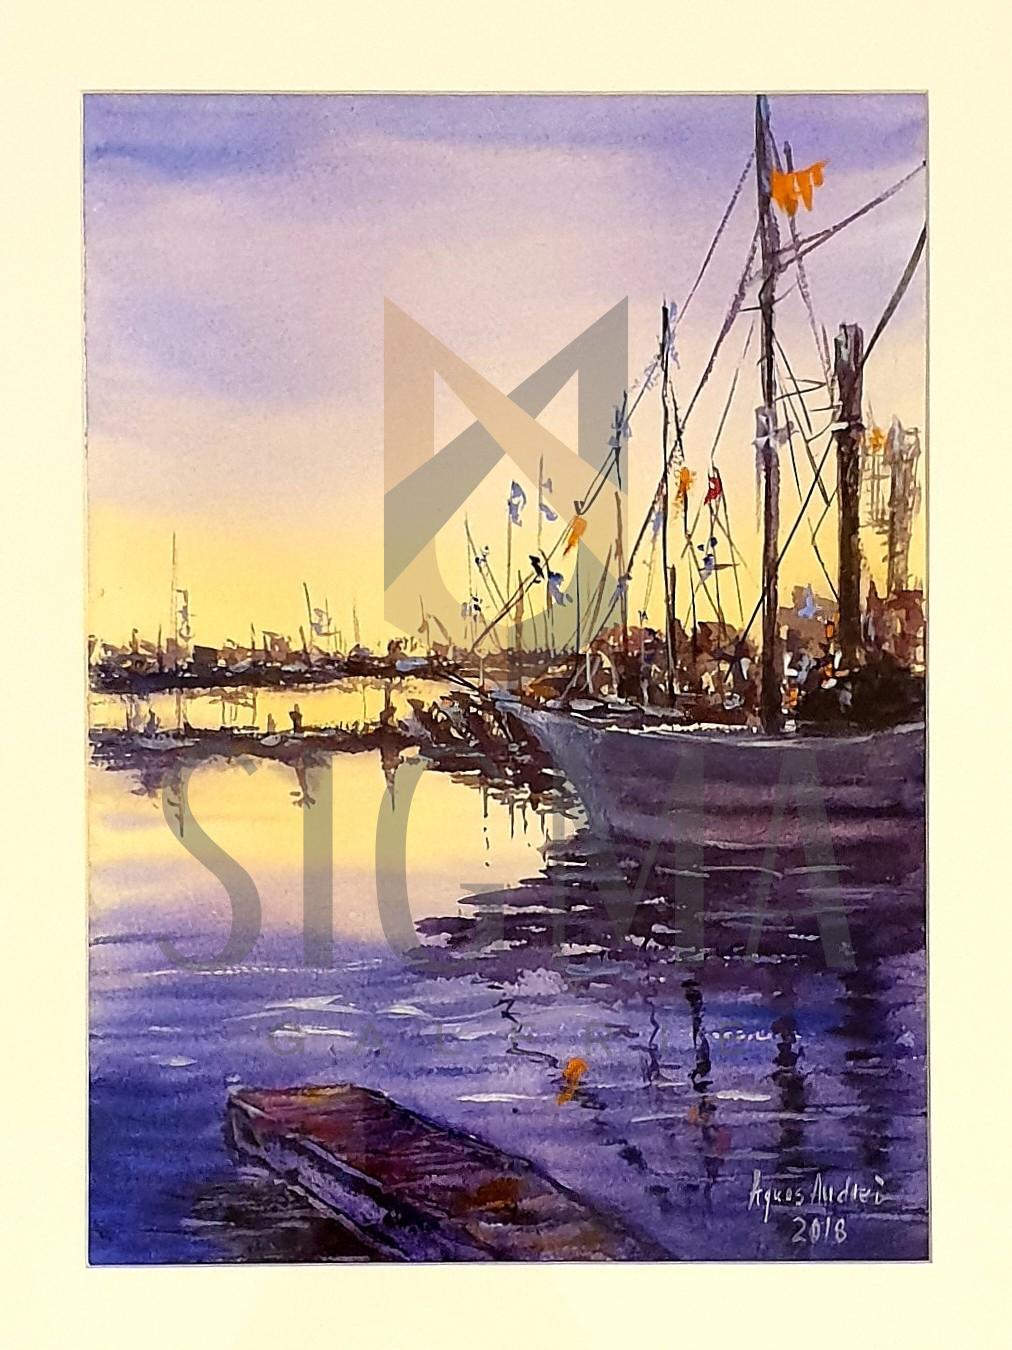 """Tablou, Agnes Andrei, """"Peisaj marin * Port"""", acuarela, dim:35x25 cm, datata 2018"""